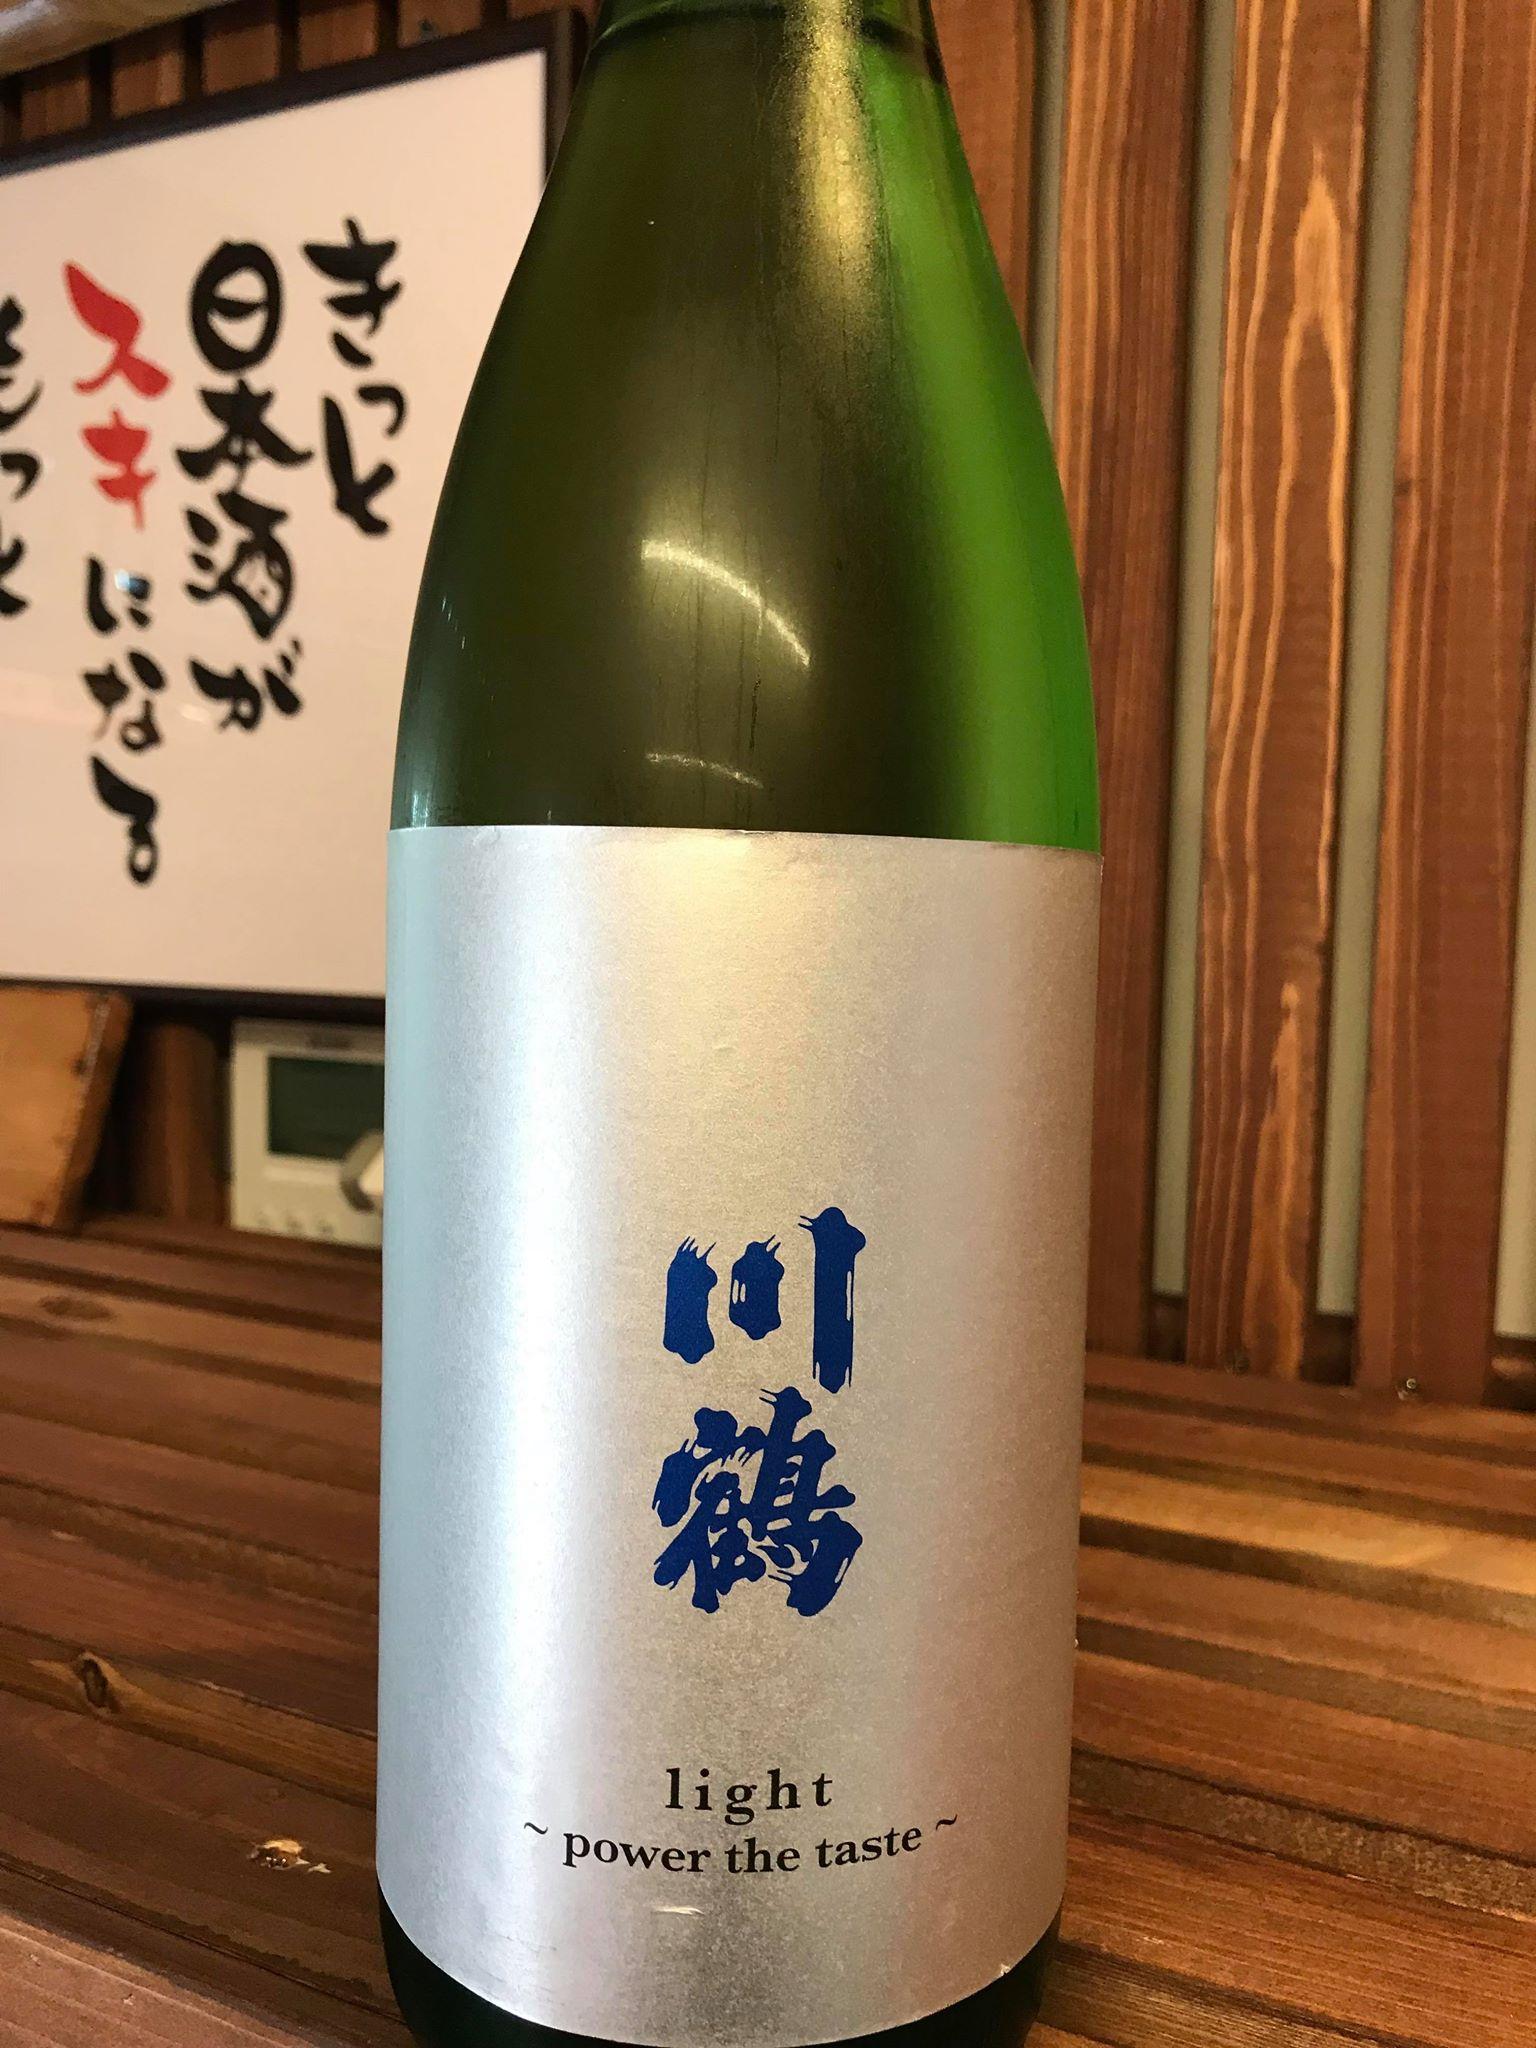 【日本酒】川鶴 light~power the taste~ 純米吟醸酒 限定 29BY_e0173738_10135880.jpg